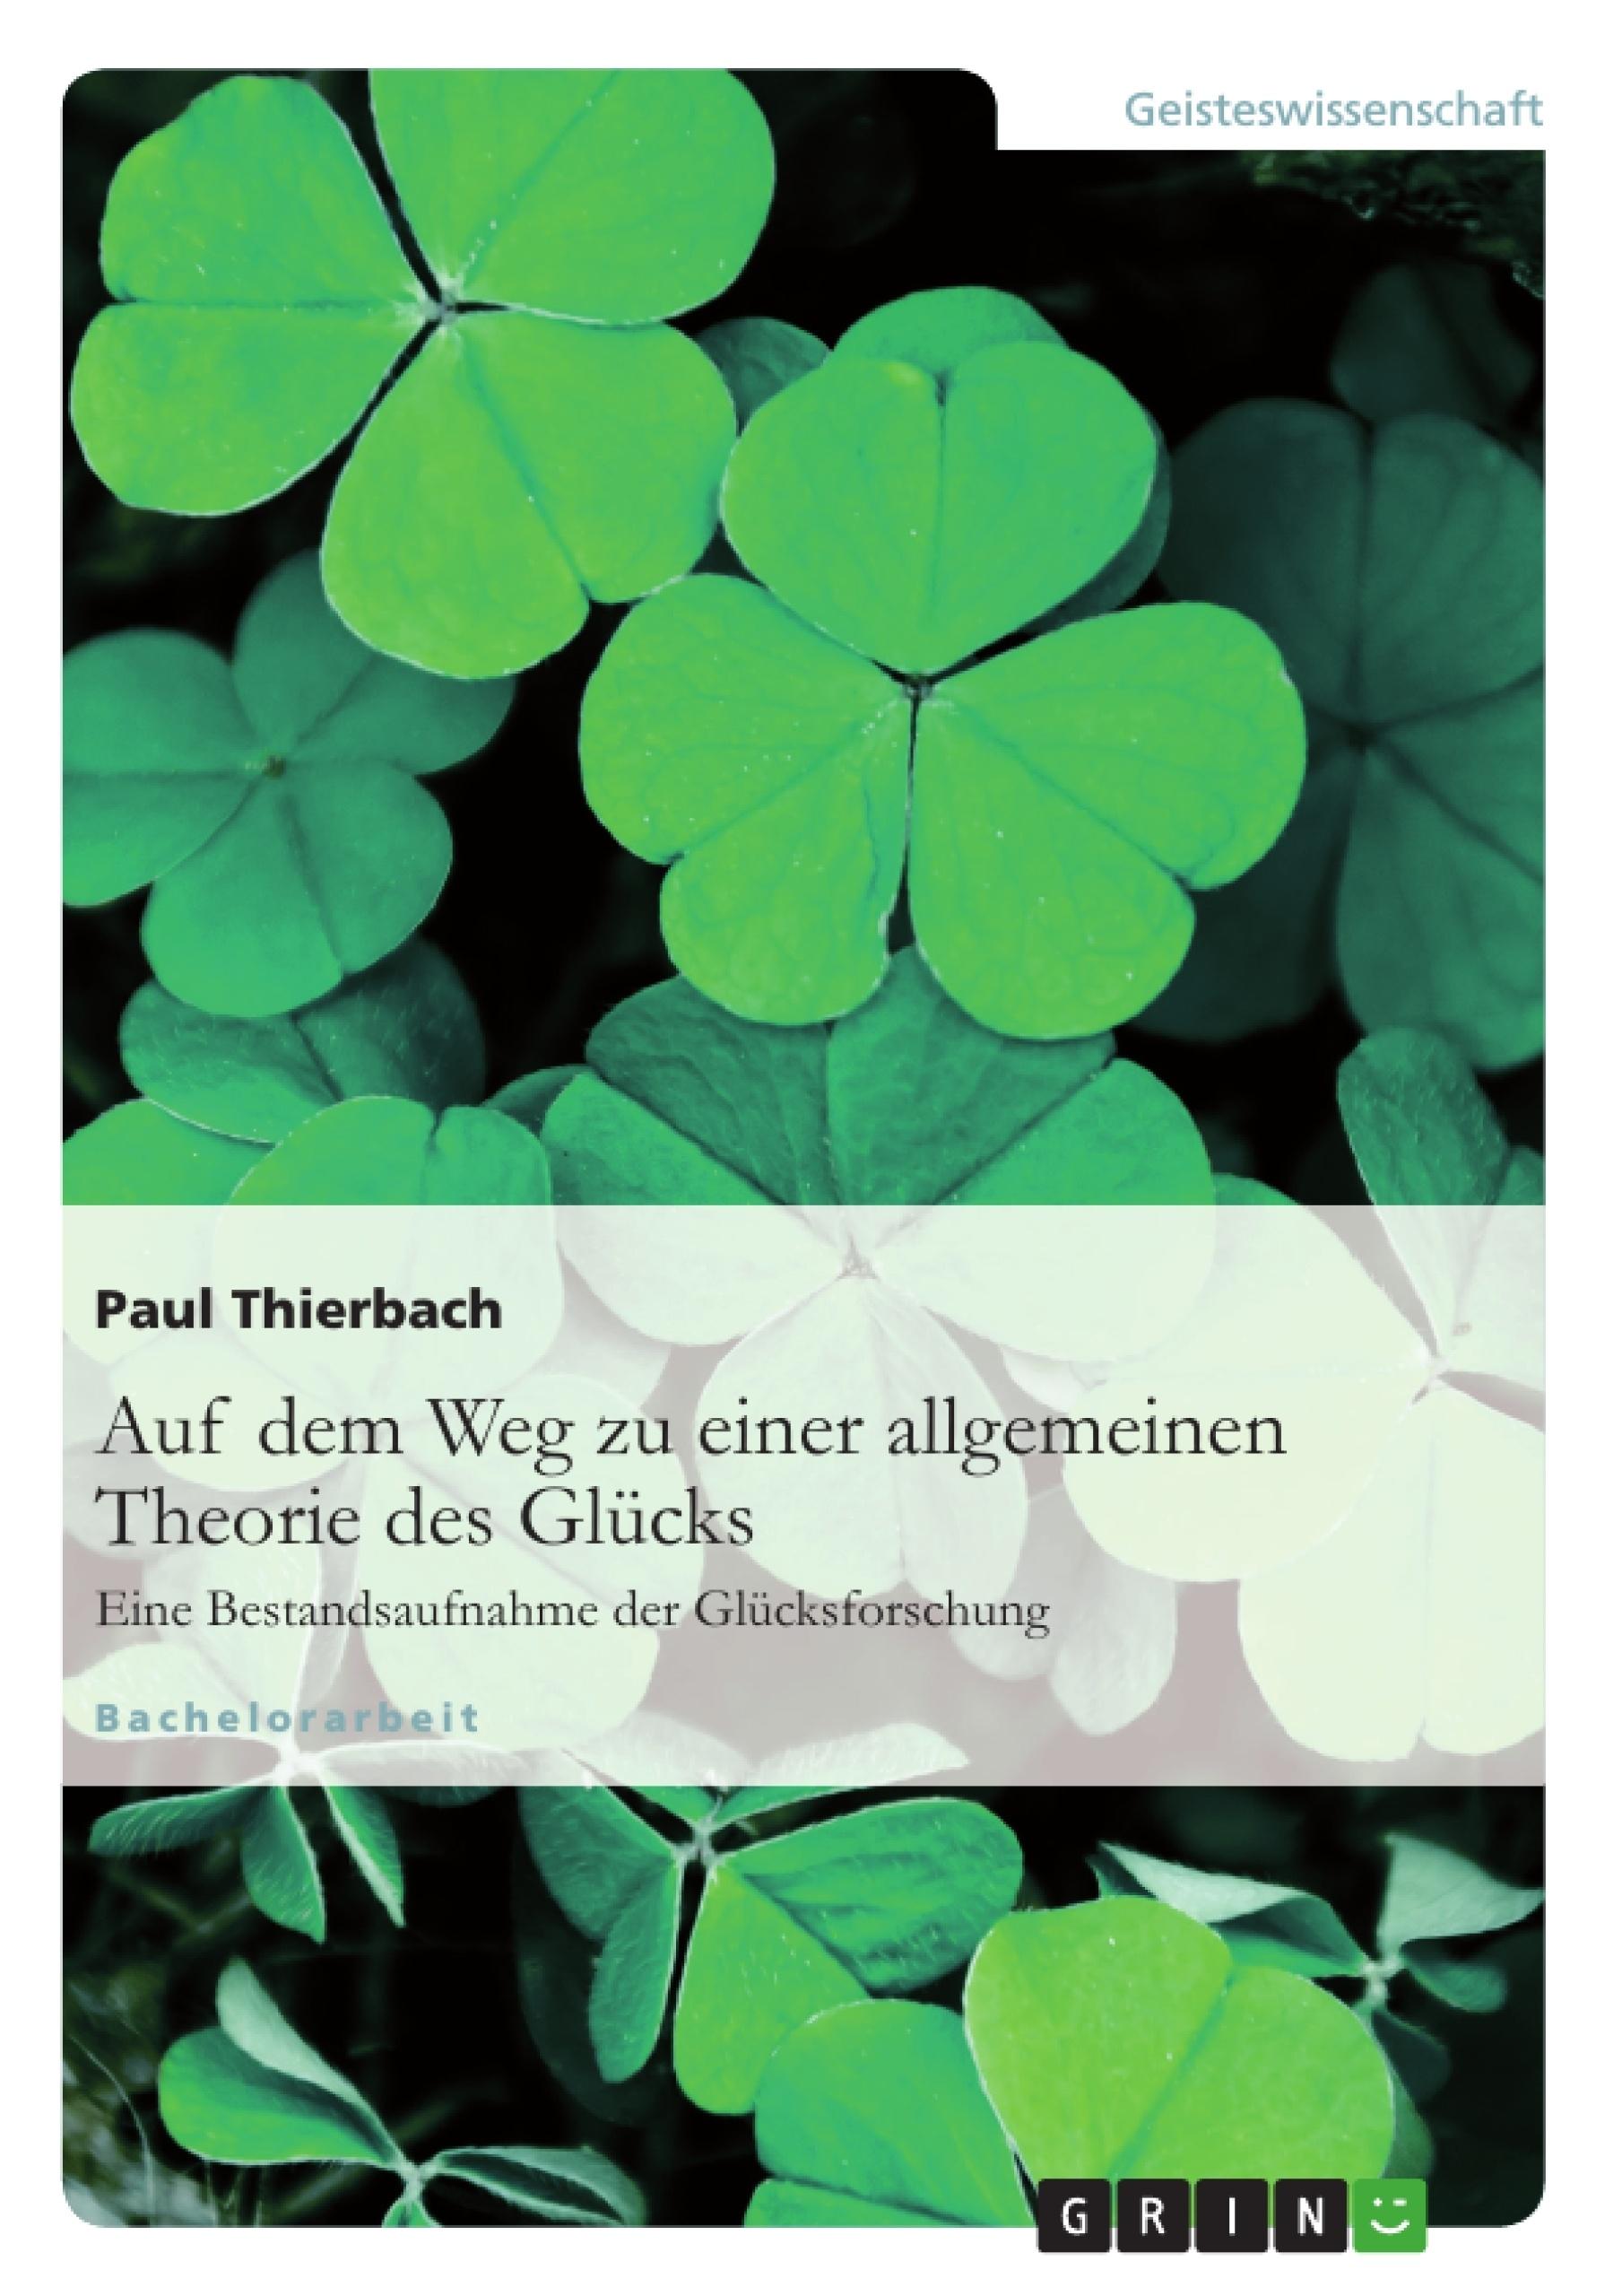 Titel: Auf dem Weg zu einer allgemeinen Theorie des Glücks